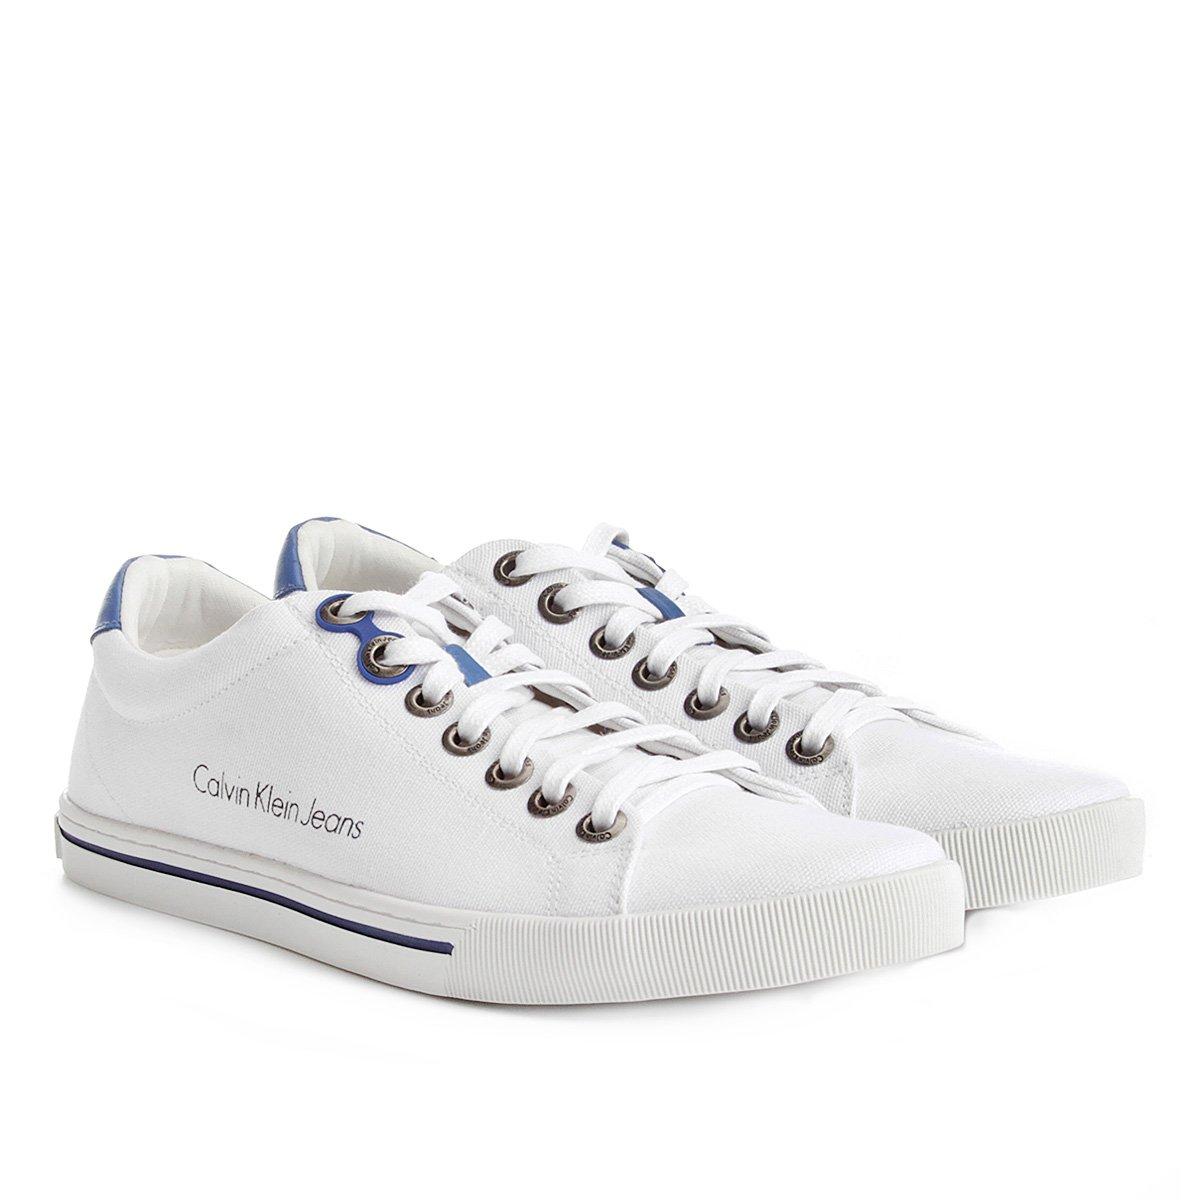 a77d48660aa52 Sapatênis Calvin Klein Lona Masculino - Compre Agora